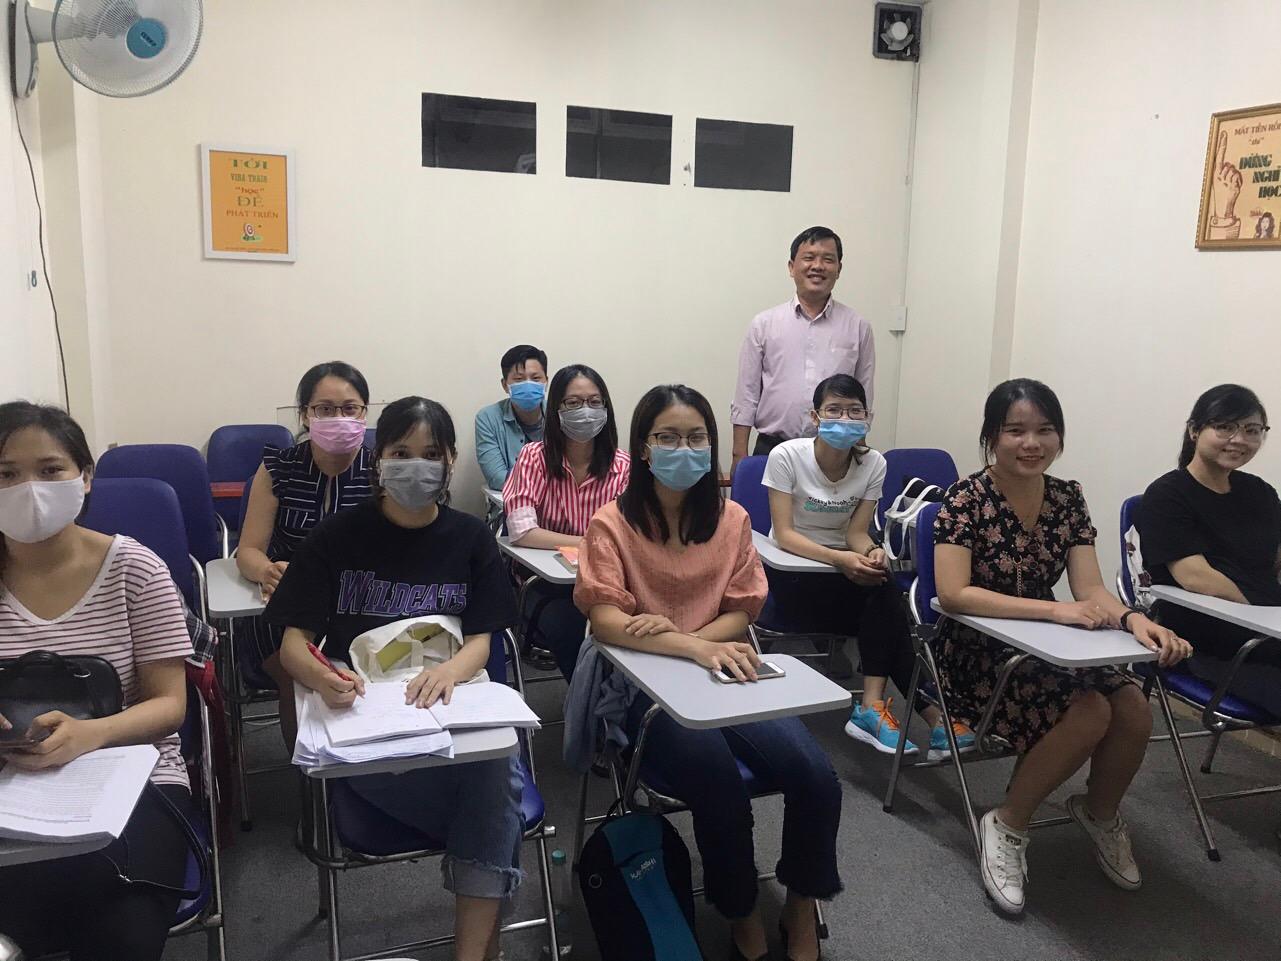 Hình ảnh lớp học nhân sự tại VinaTrain mùa dịch Covid